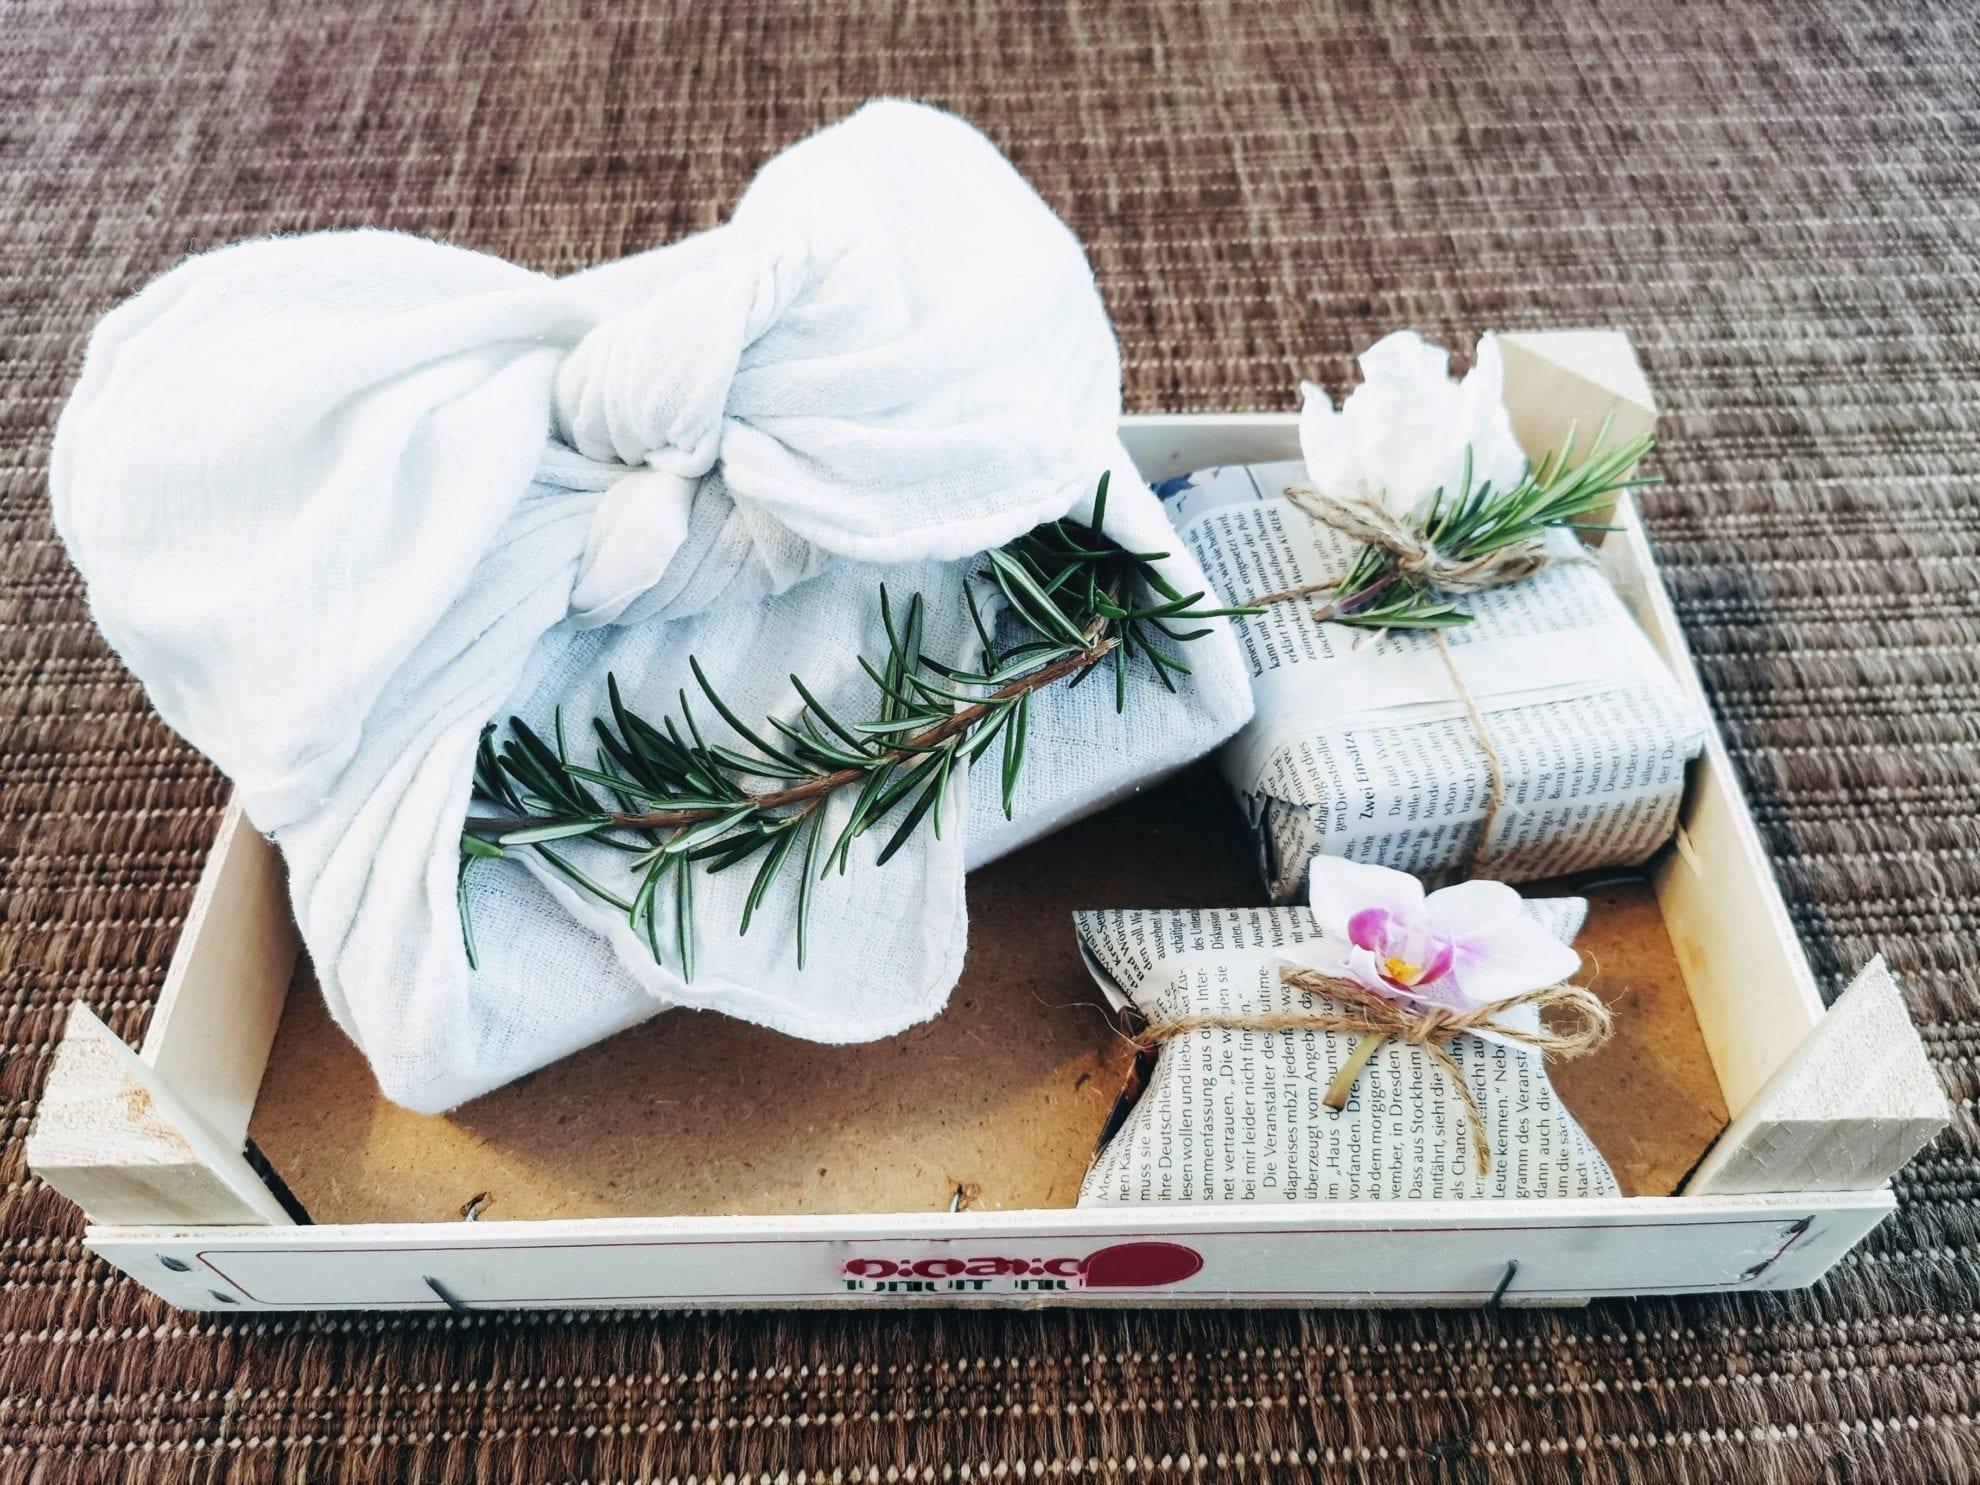 Geschenke verpacken: Alternativen zum Geschenkpapier Puddingklecks Titel